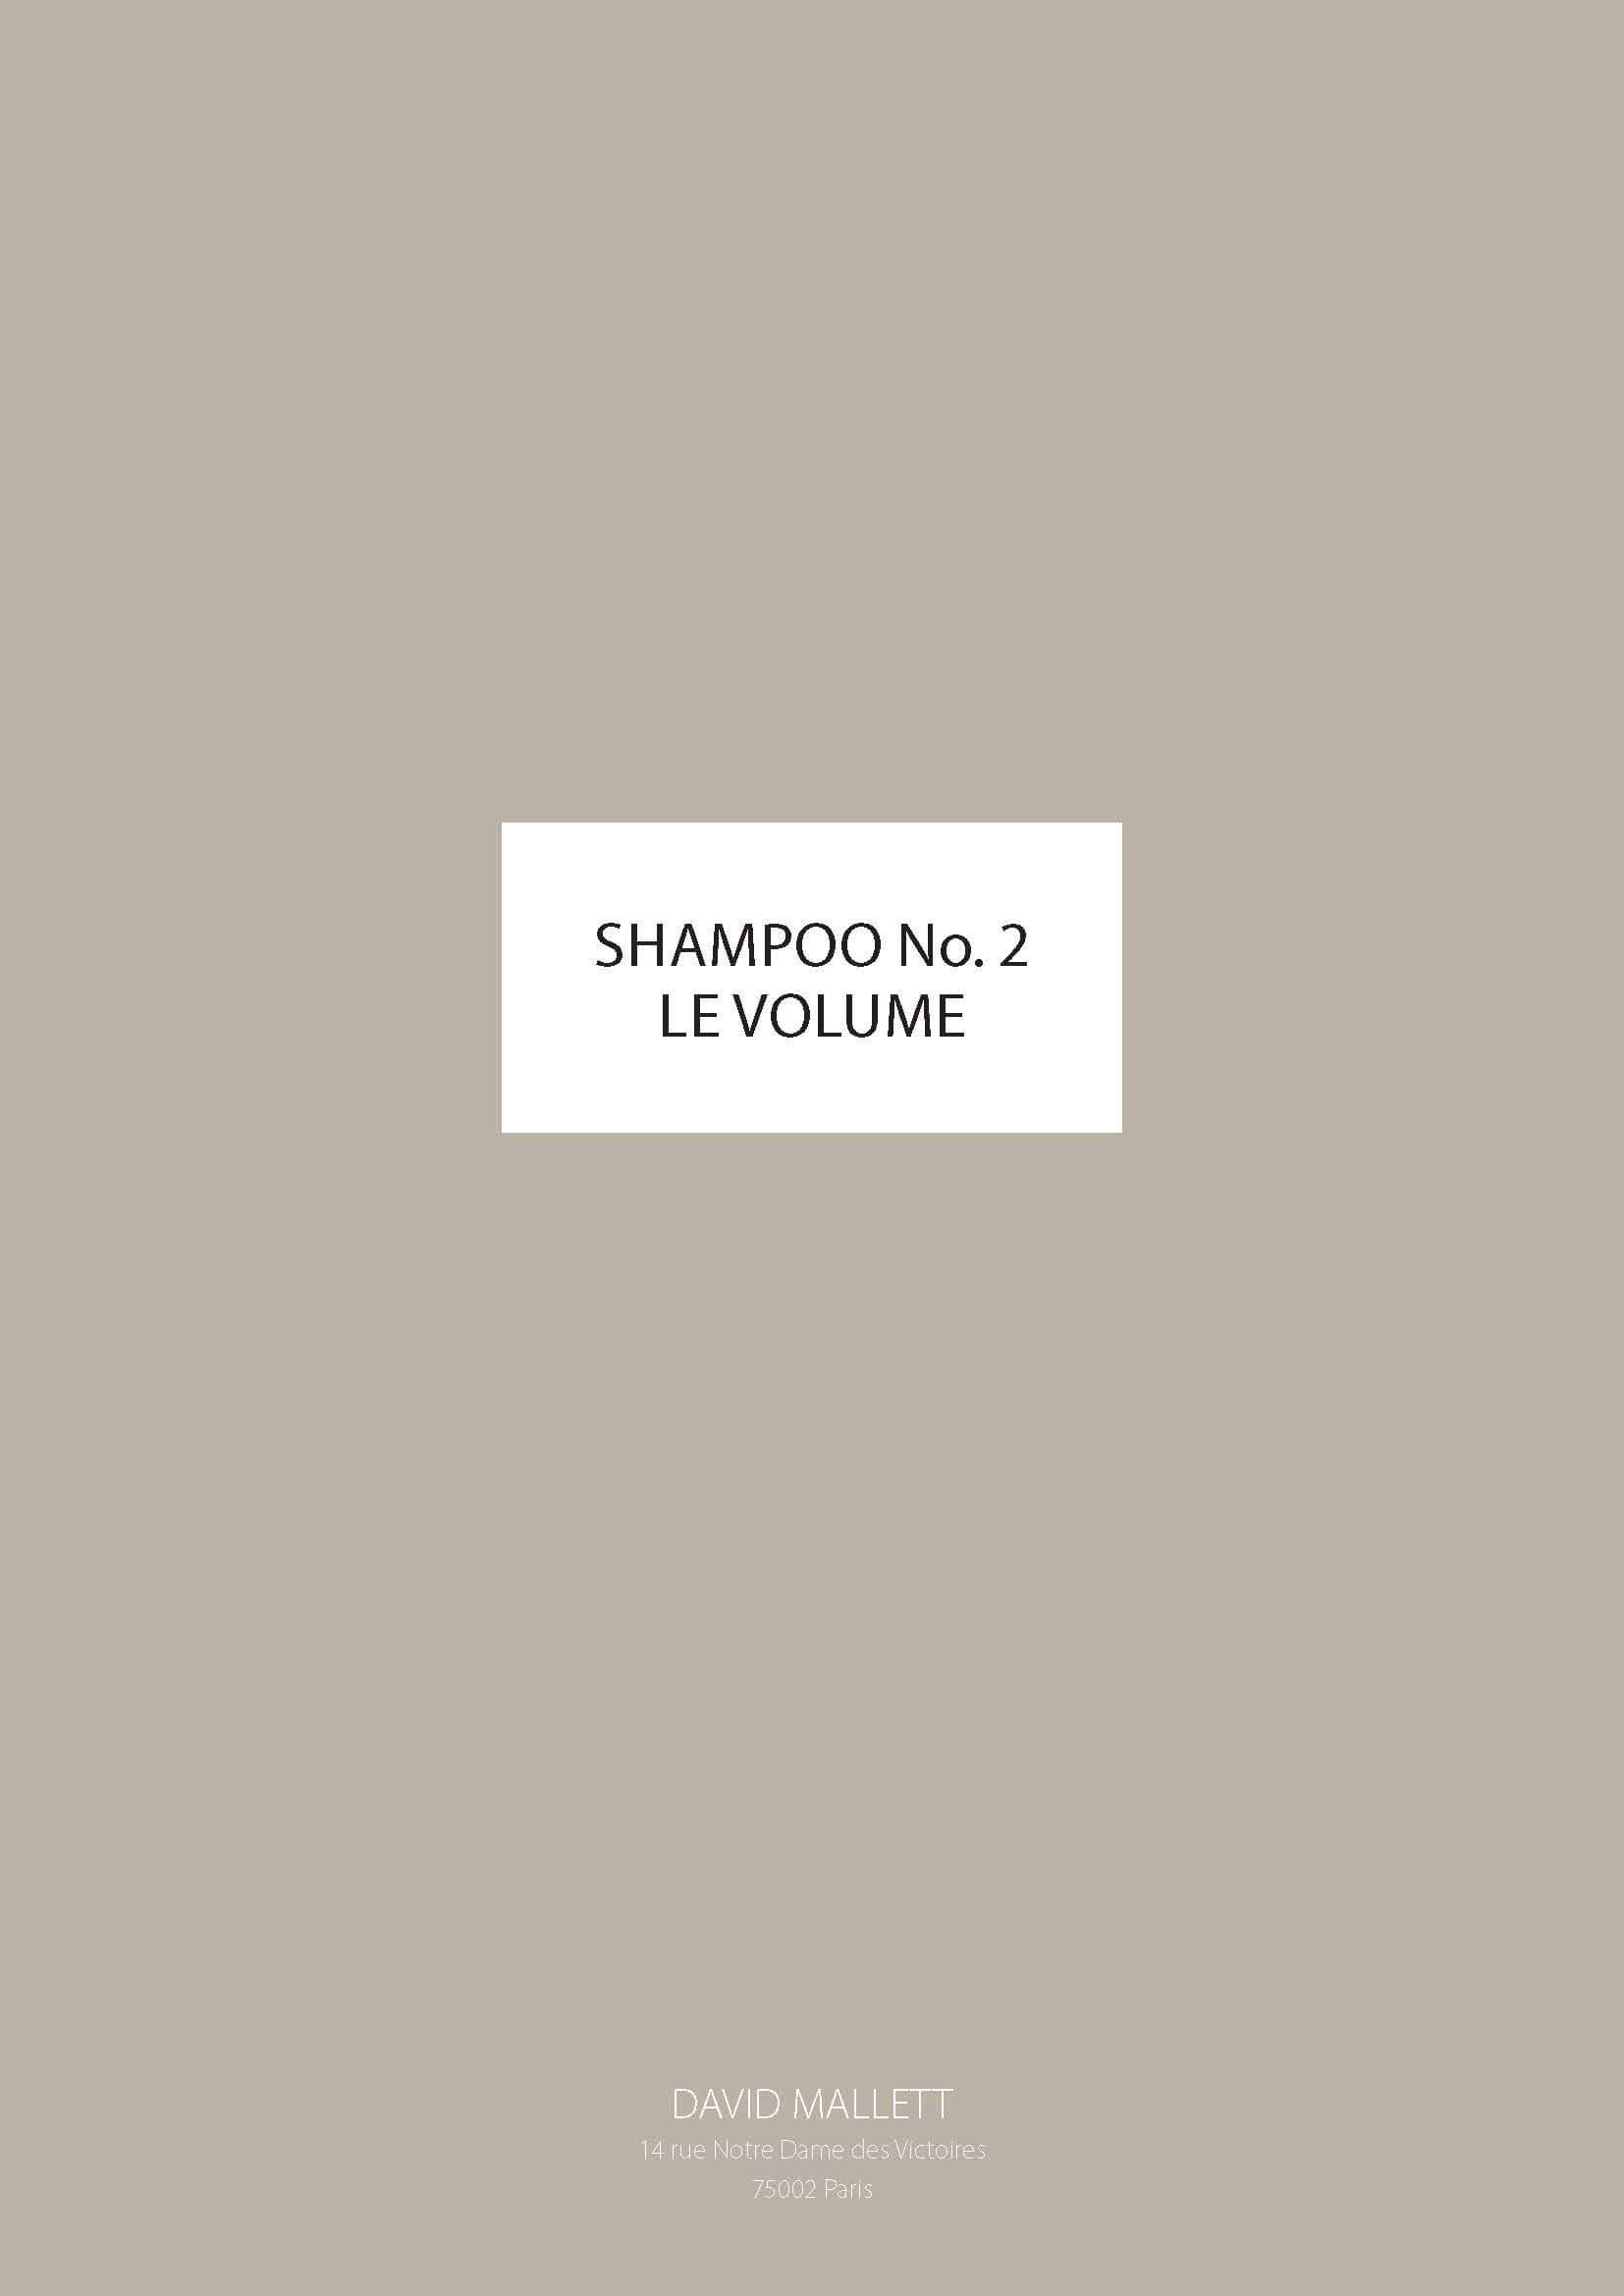 Shampoo No.2 LE VOLUME FR